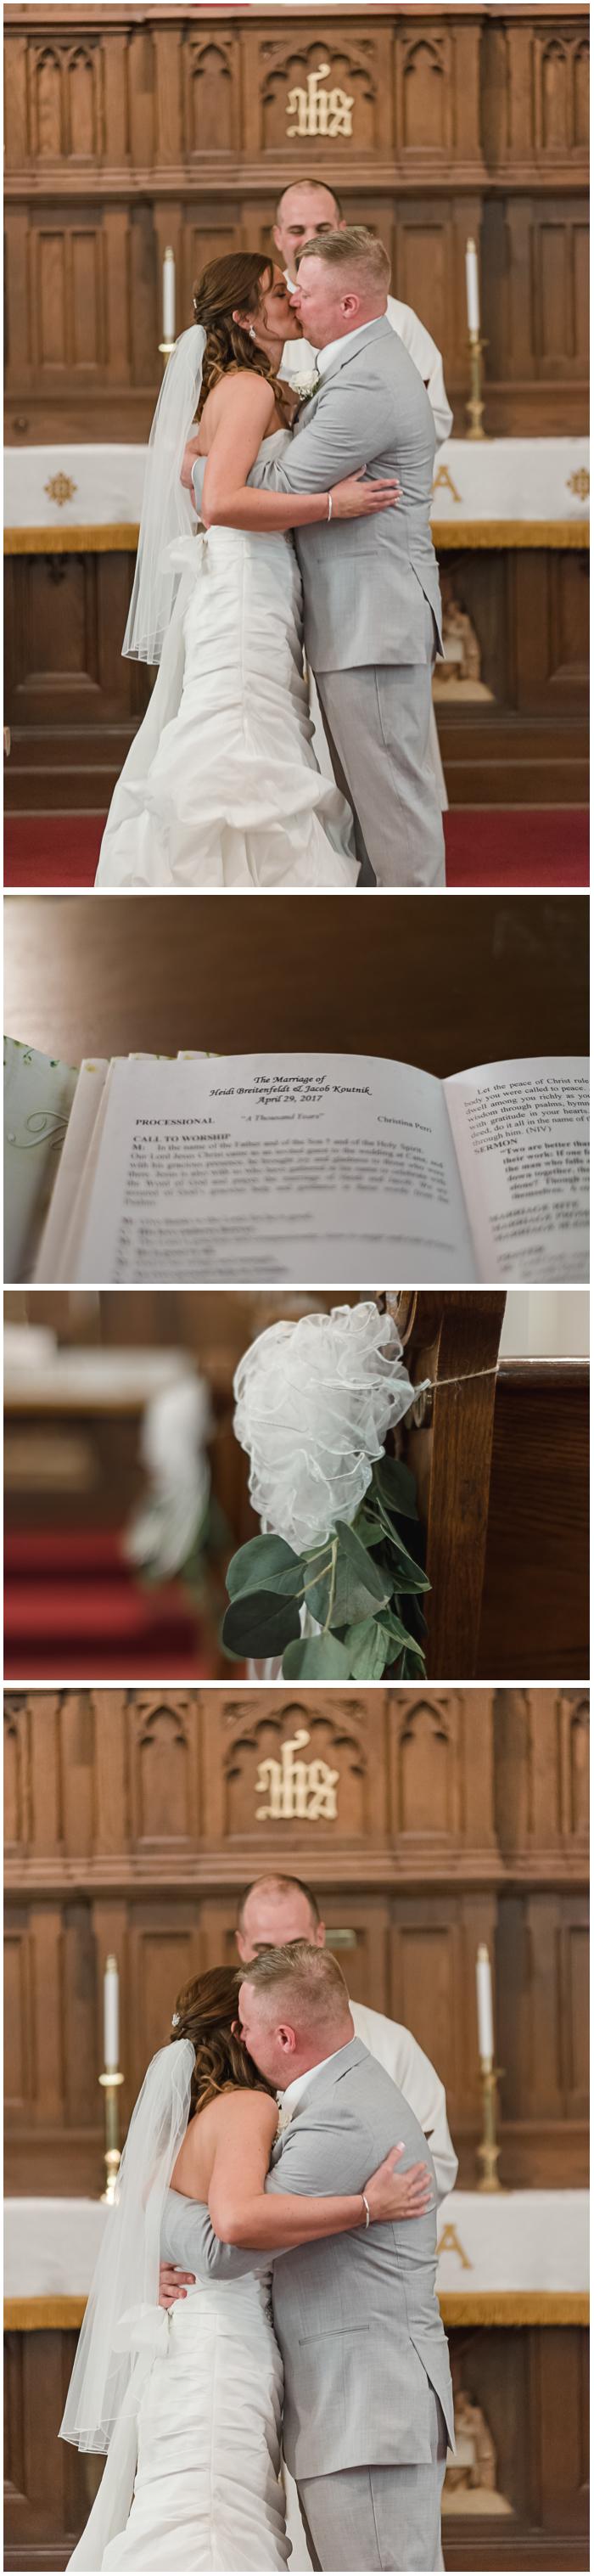 koutnik wedding 08.jpg